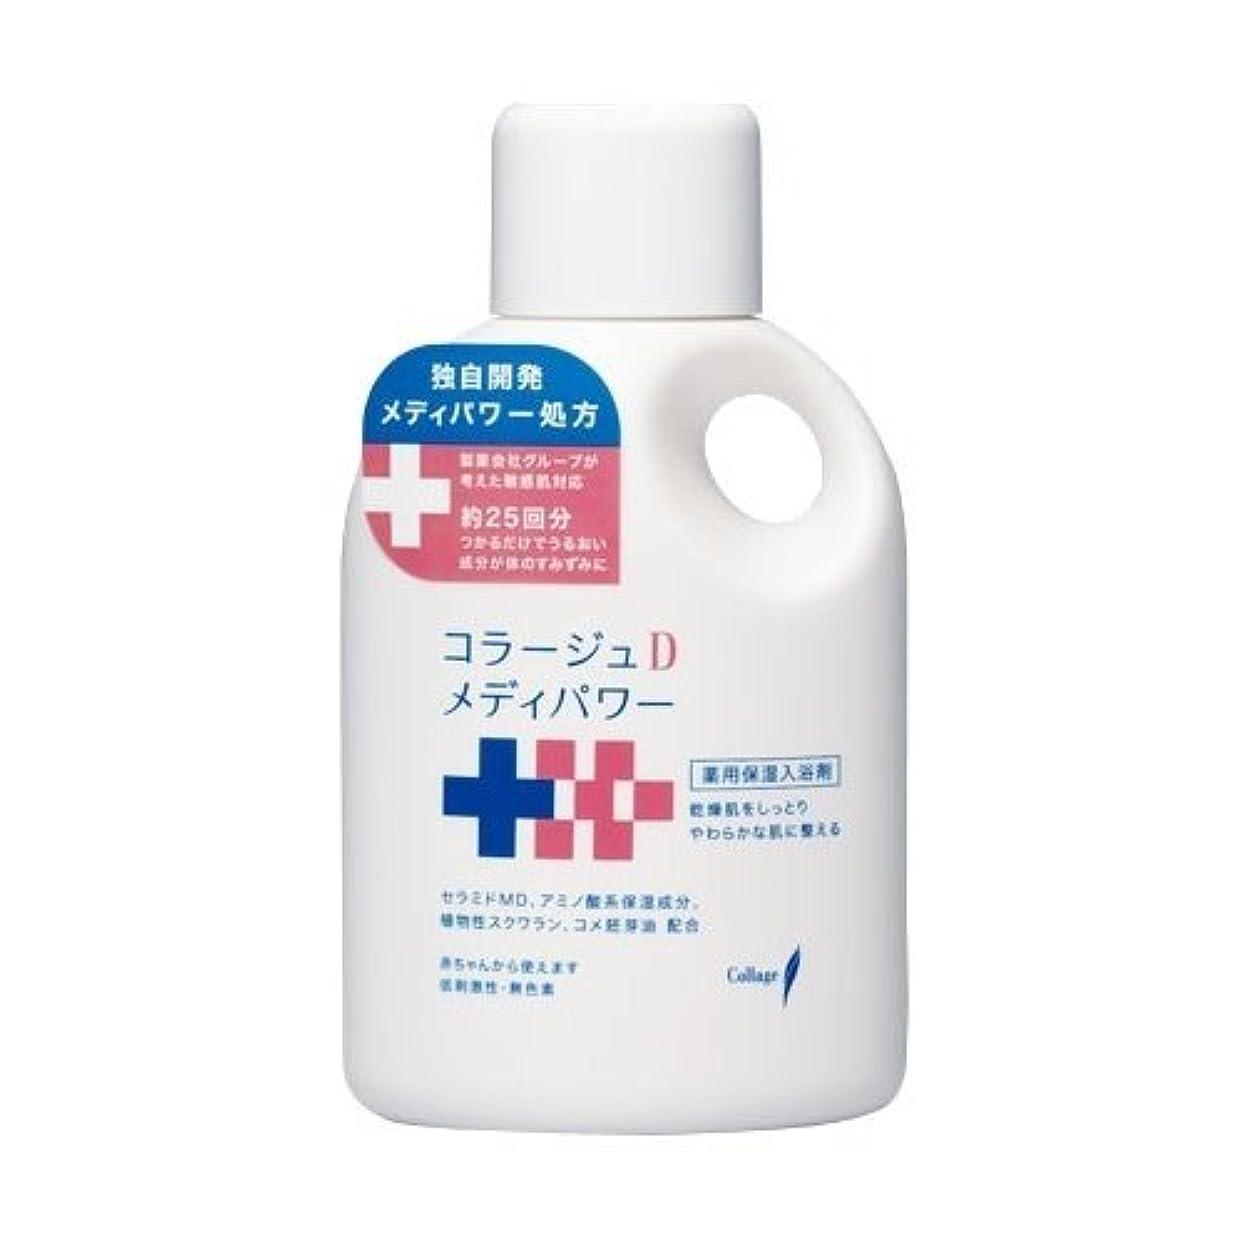 帰するステレオタイプステージコラージュ Dメディパワー 保湿入浴剤 500mL (医薬部外品)